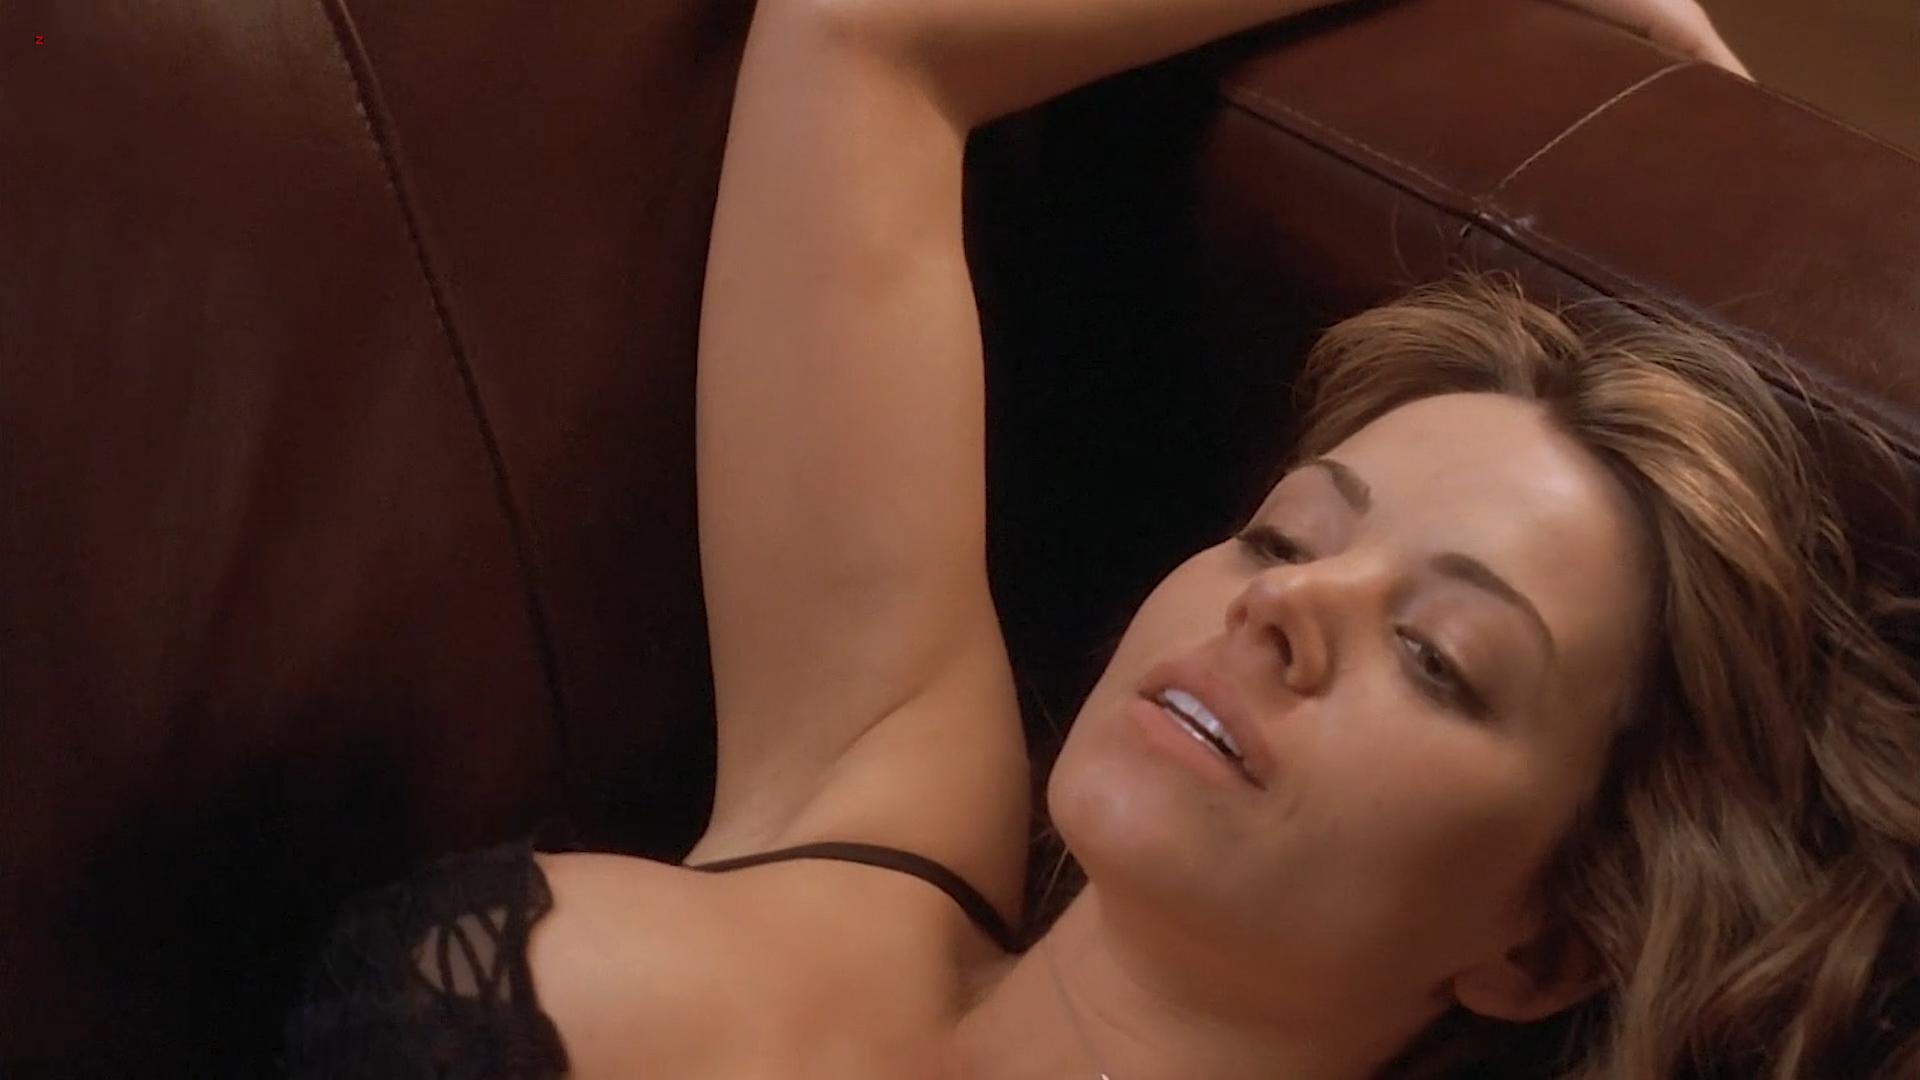 erica durance sex